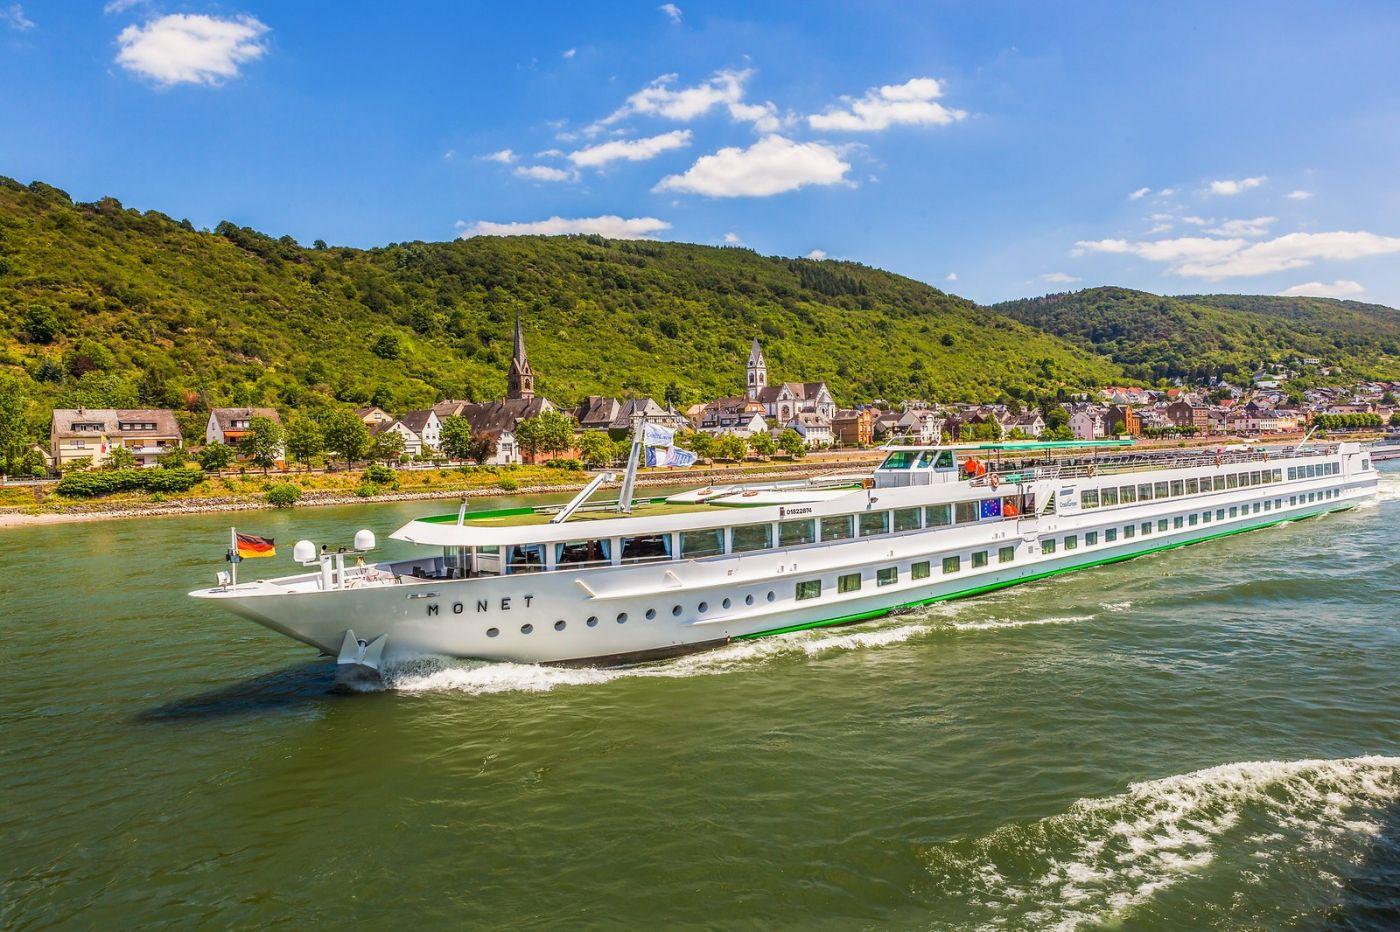 畅游莱茵河,游船商船另一道景_图1-38